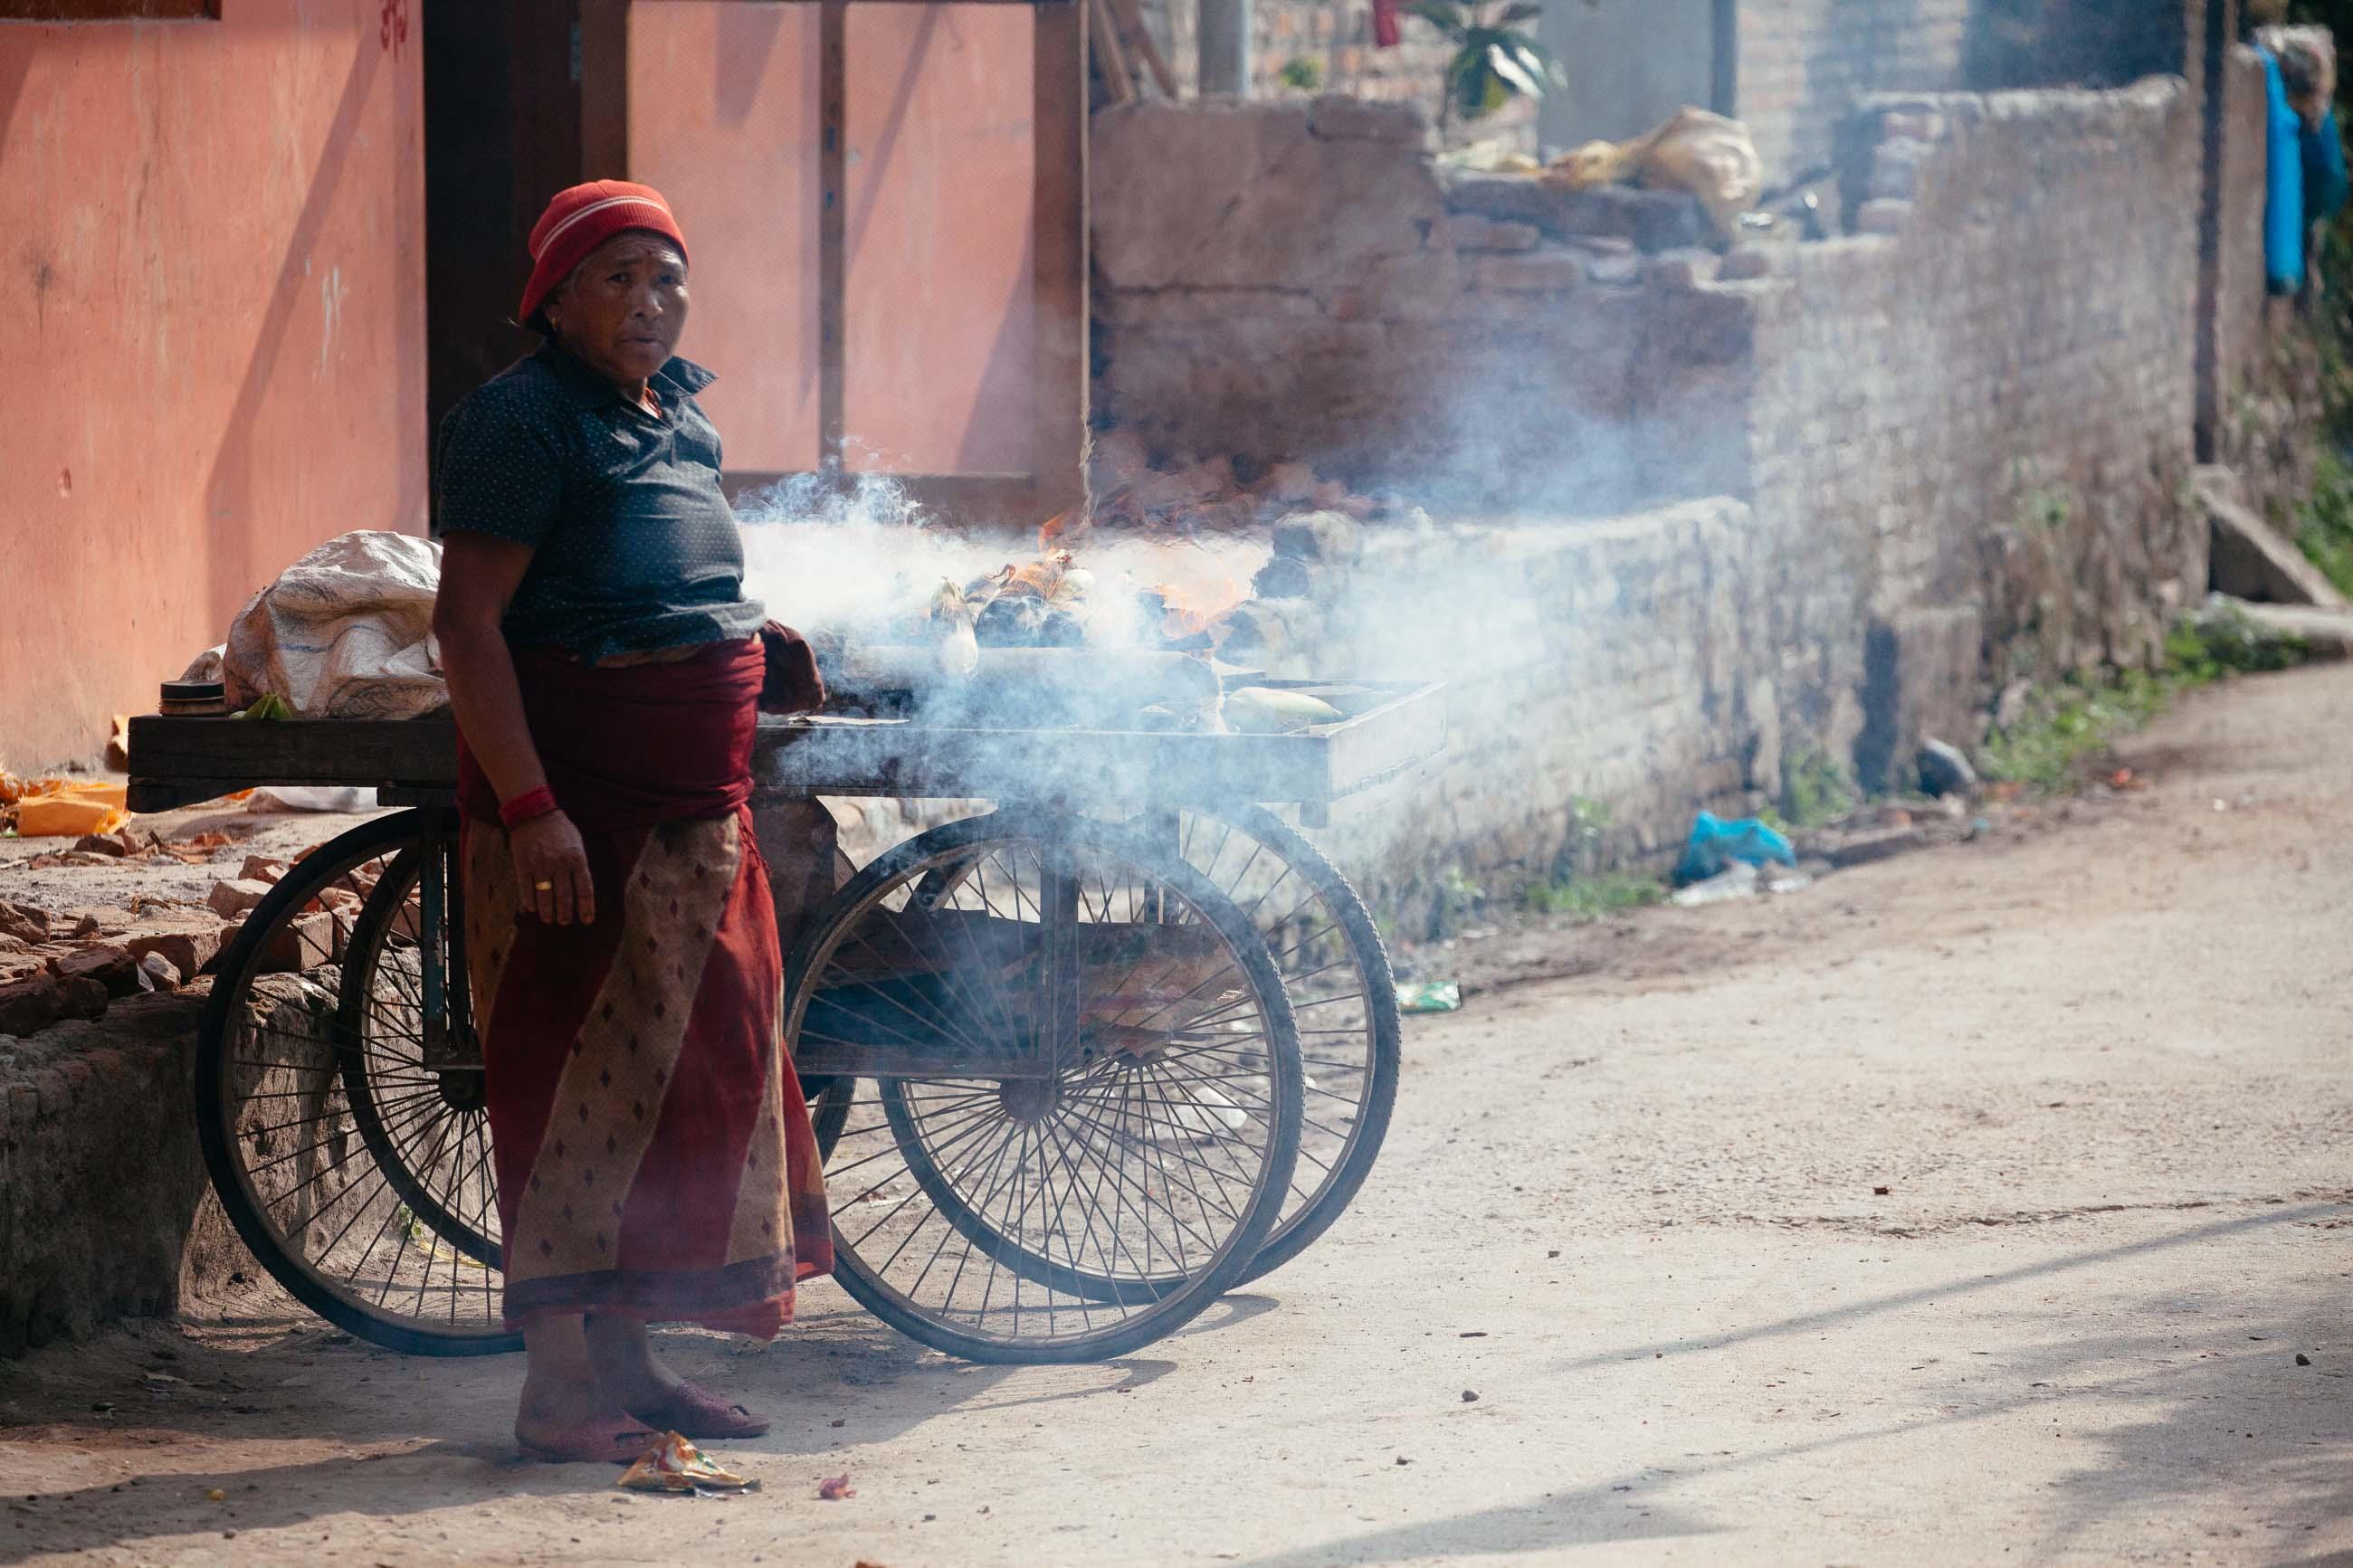 Kathmandu Street Vendor, Nepal Jun 2015